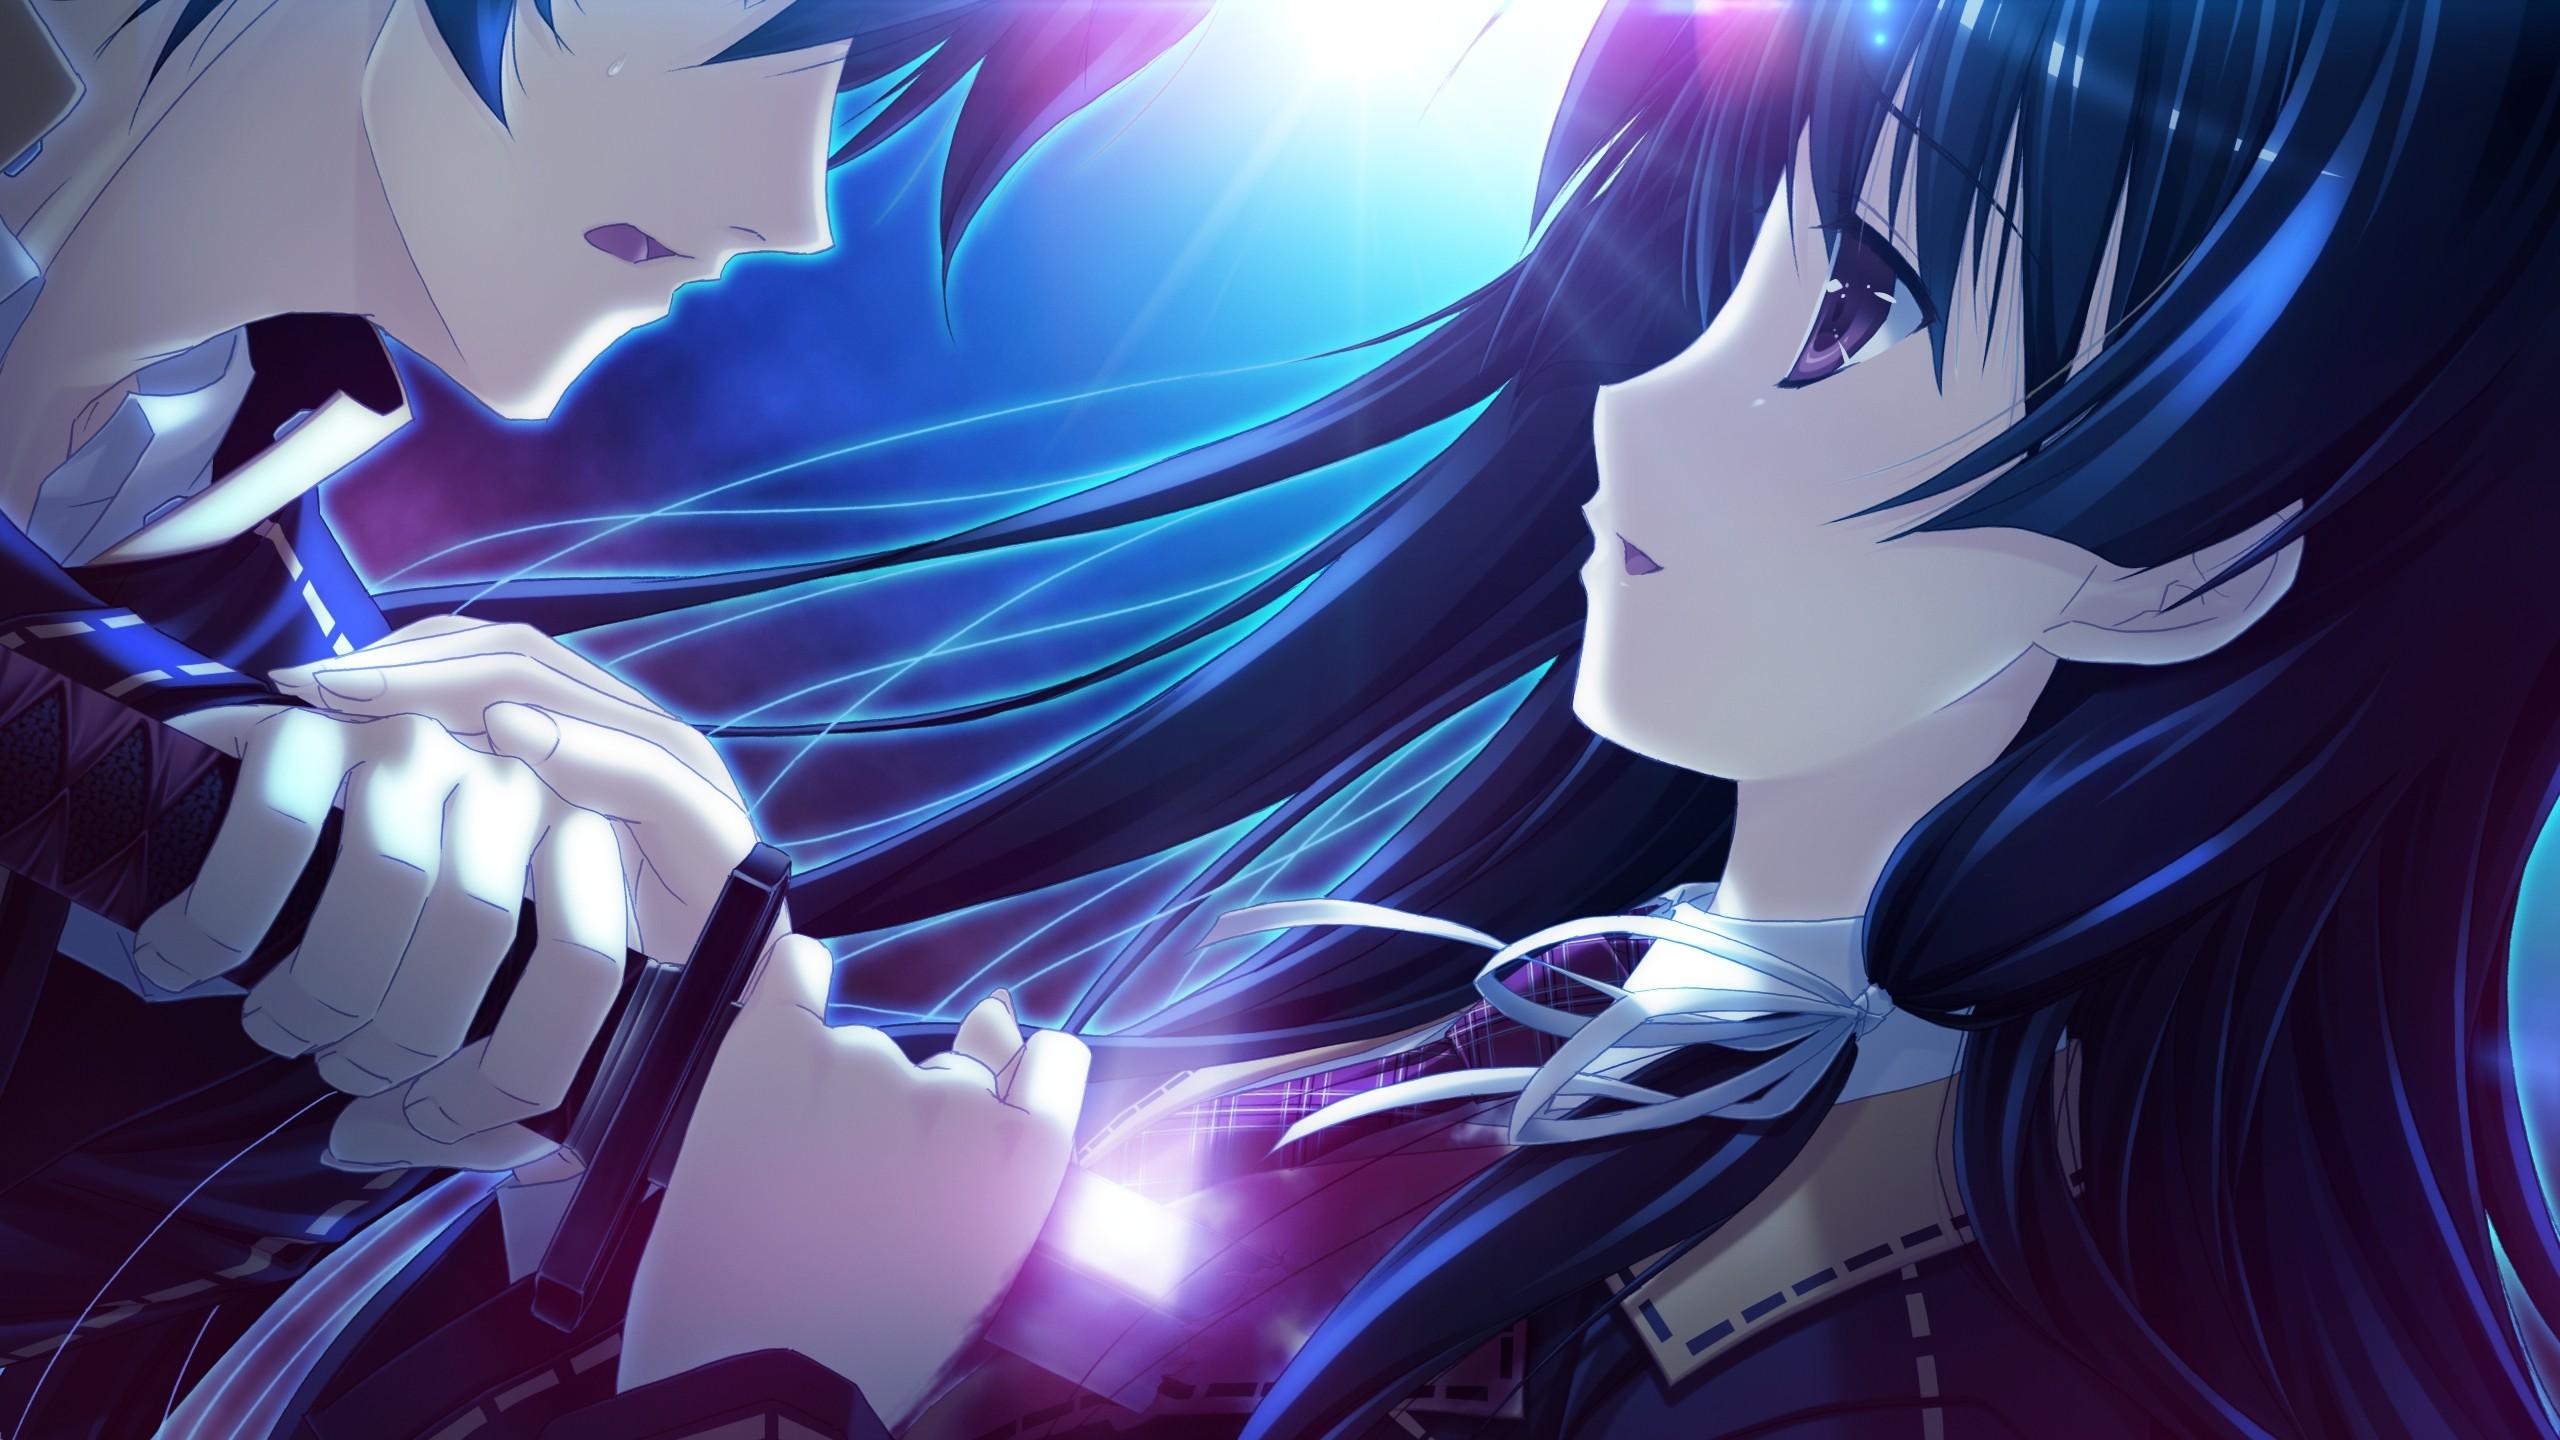 Wallpaper : illustration, anime girls, anime boys, heart ...